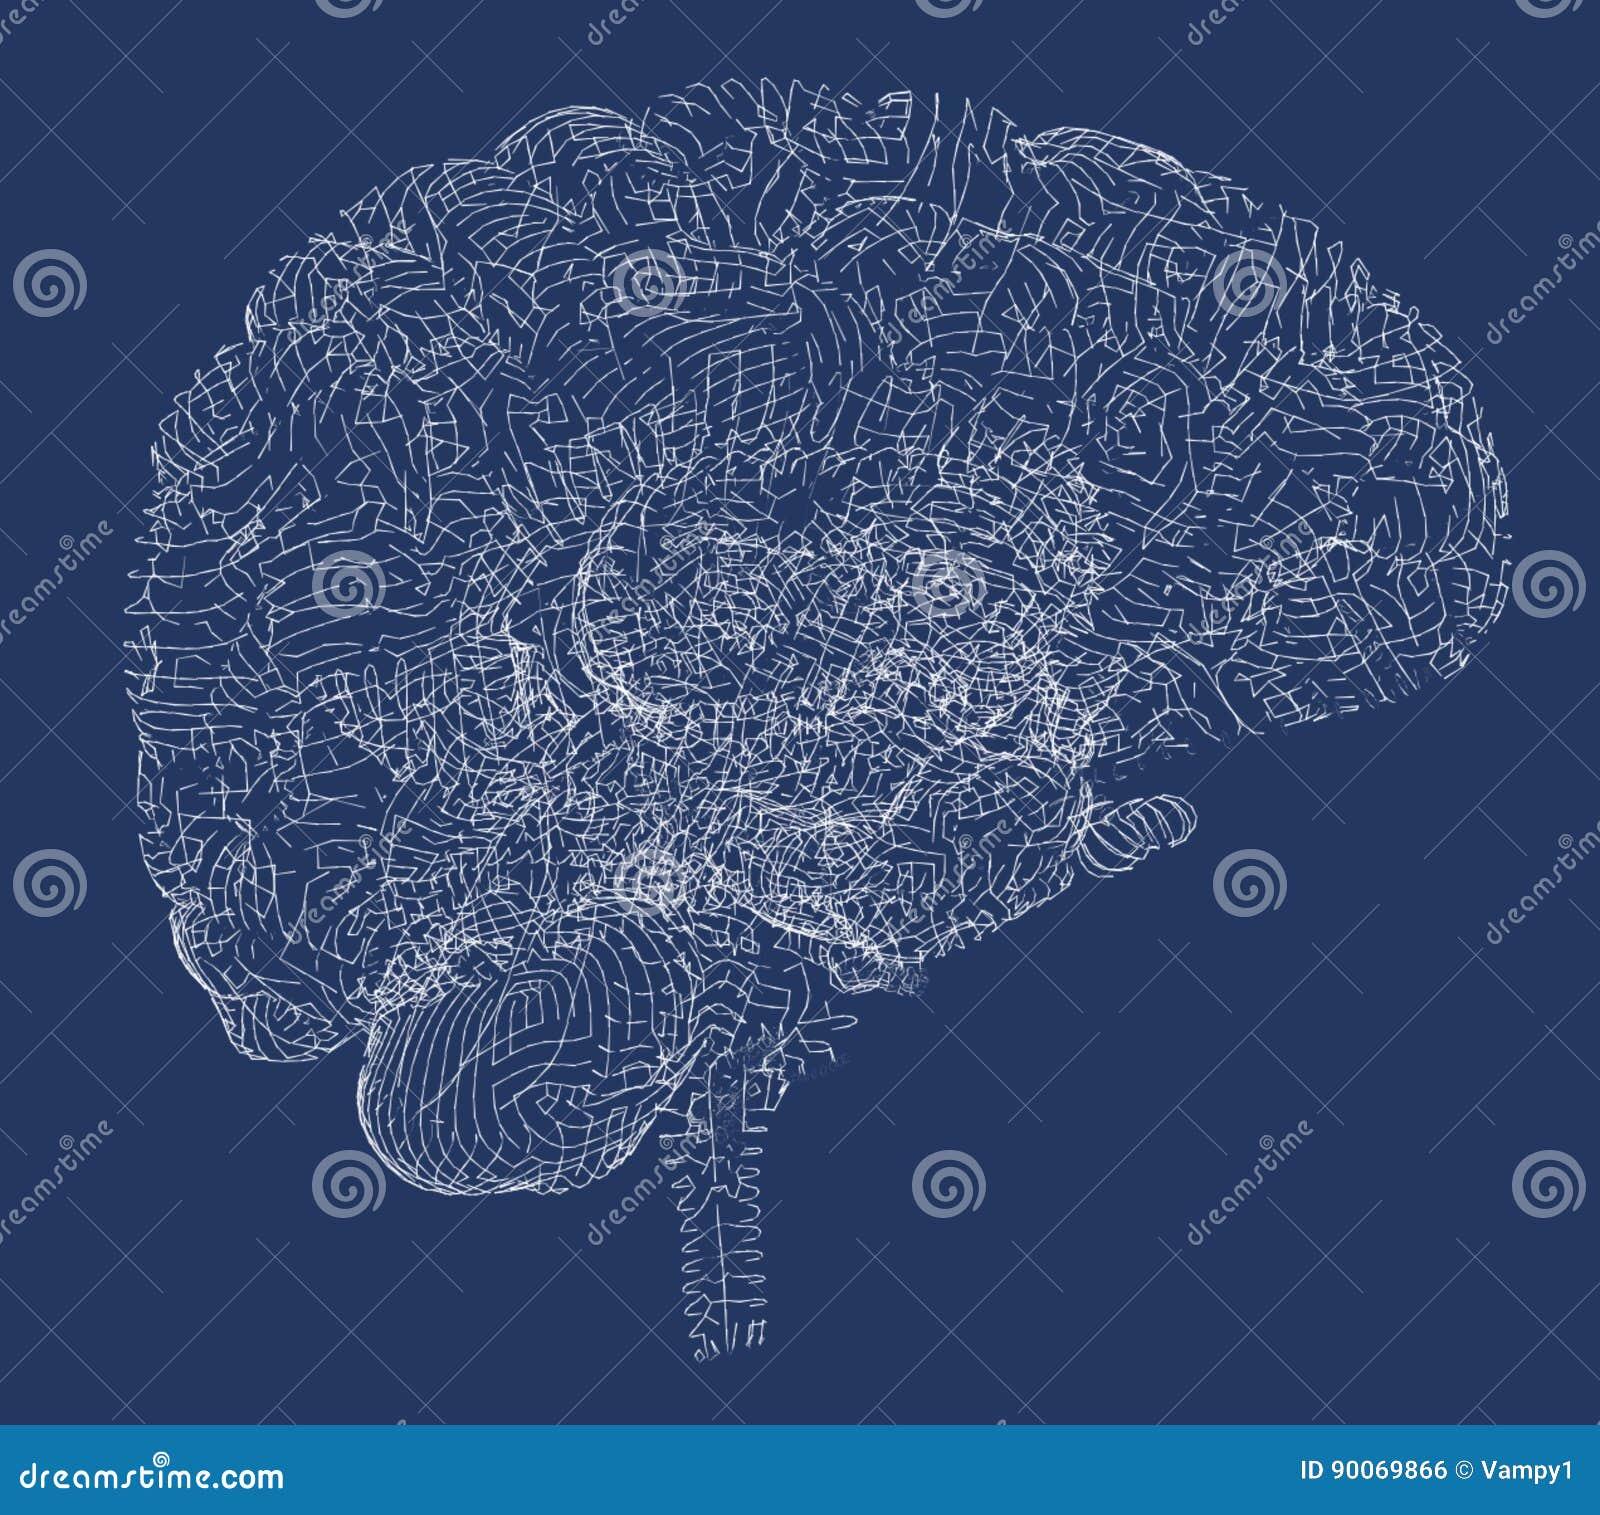 Móżdżkowe degeneracyjne choroby, Parkinson, synapses, neurony,